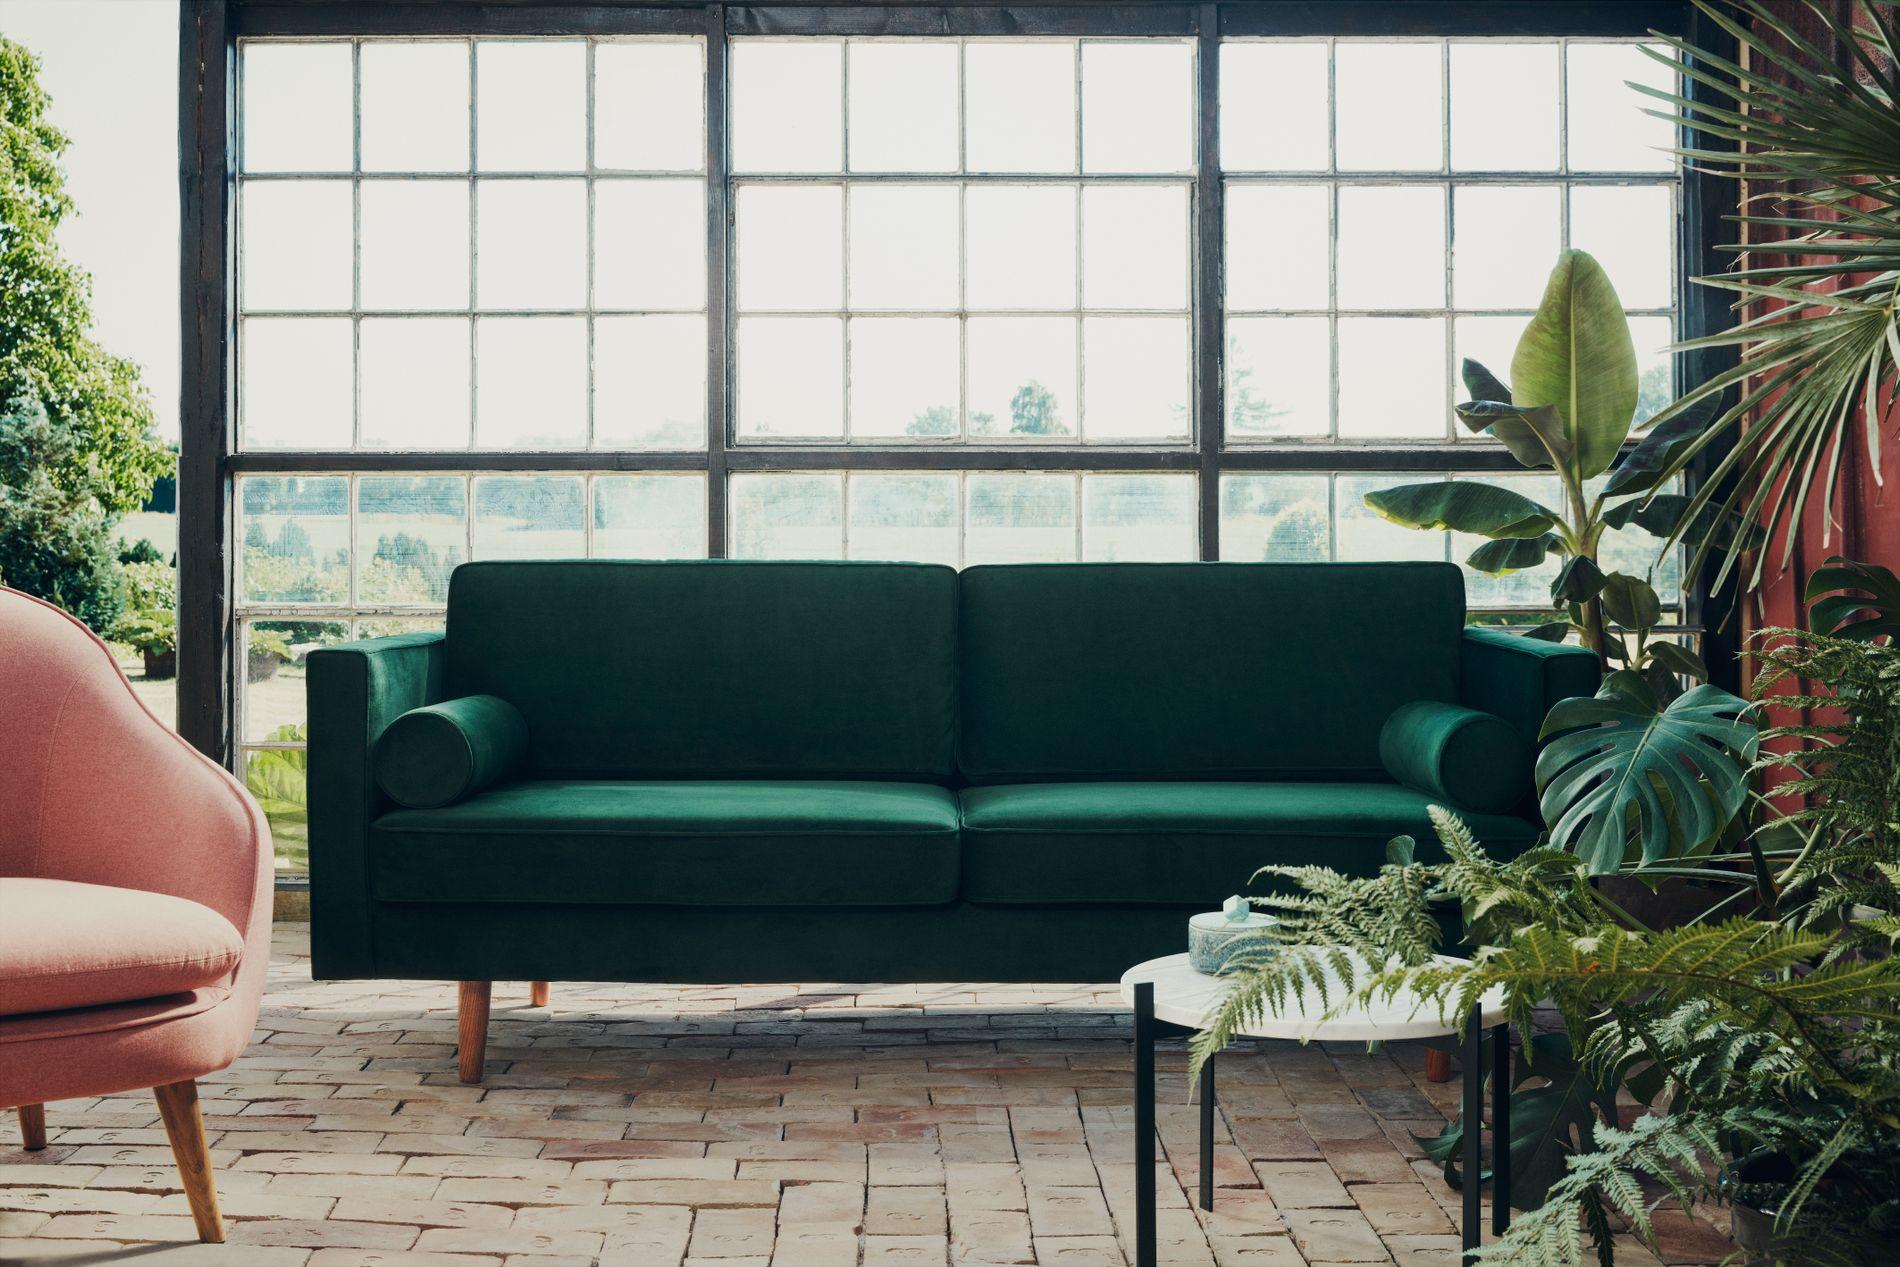 GRØNT I VINDEN: Velur er et trendy materiale om dagen, og denne tresetere i mørk grønn fås også i andre farger. Harper er en treseter og koster 8999 kroner.